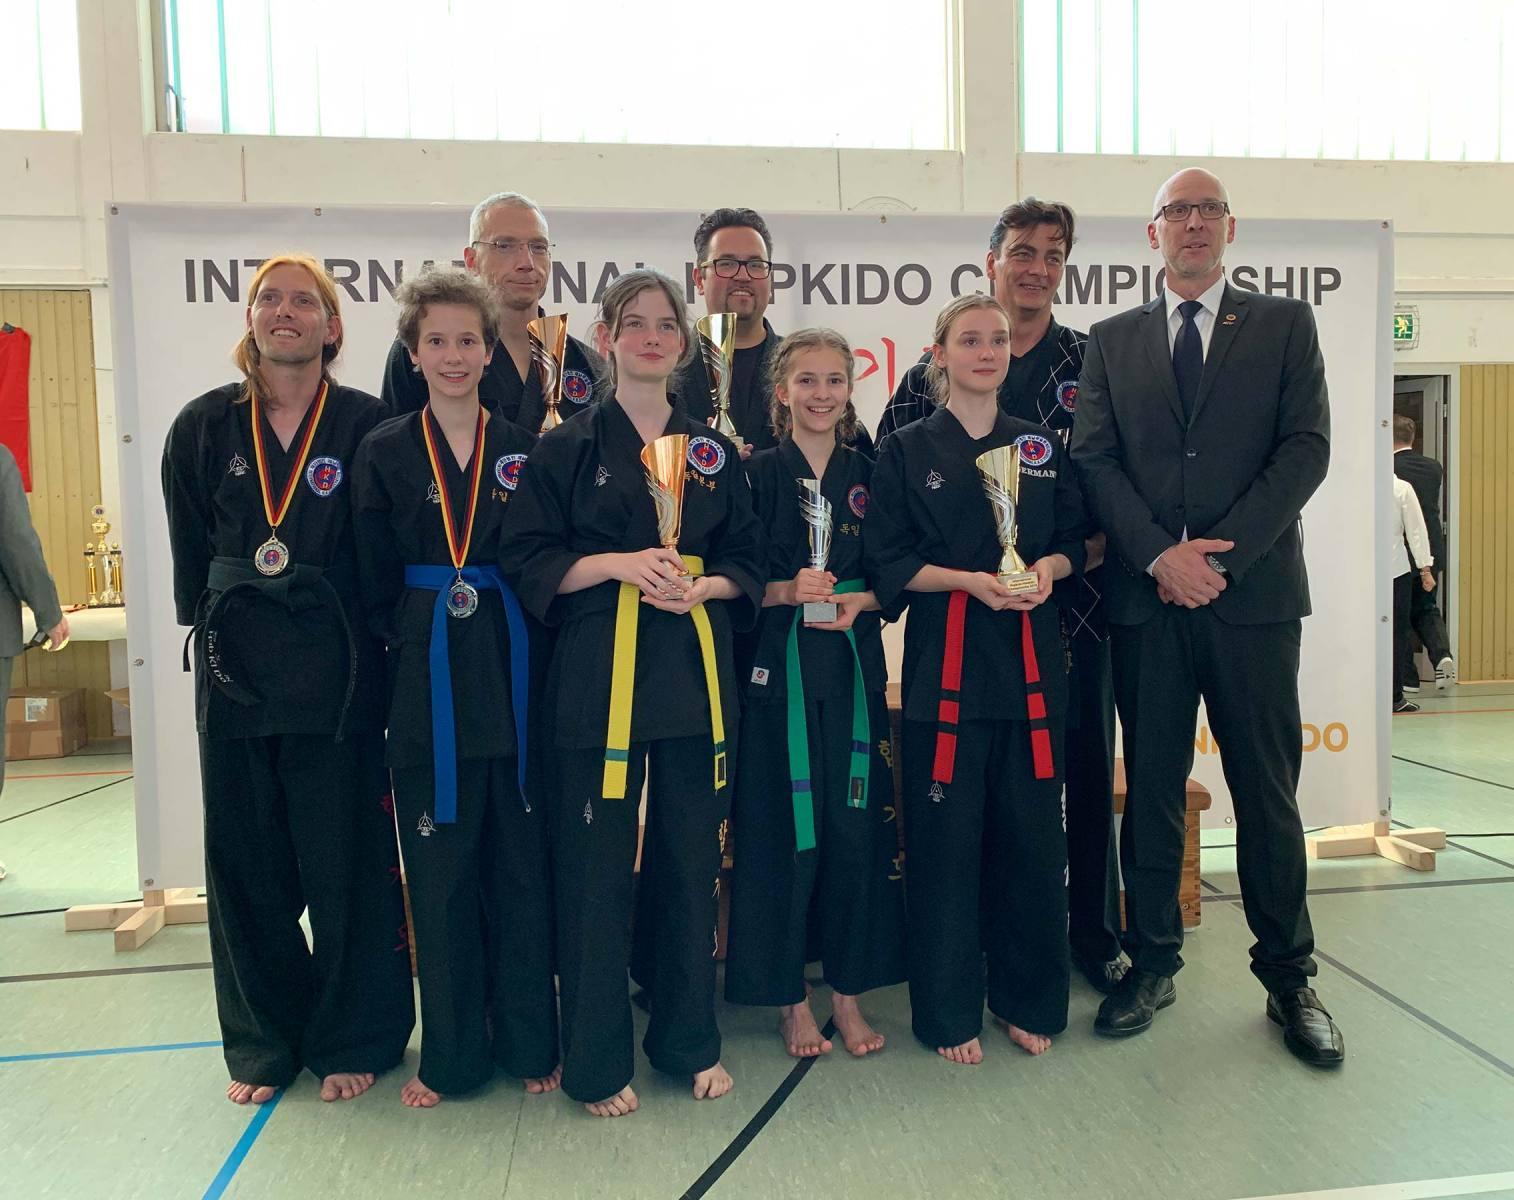 Team ILYO Hapkido Meiserschaft 2019 in Eschweiler